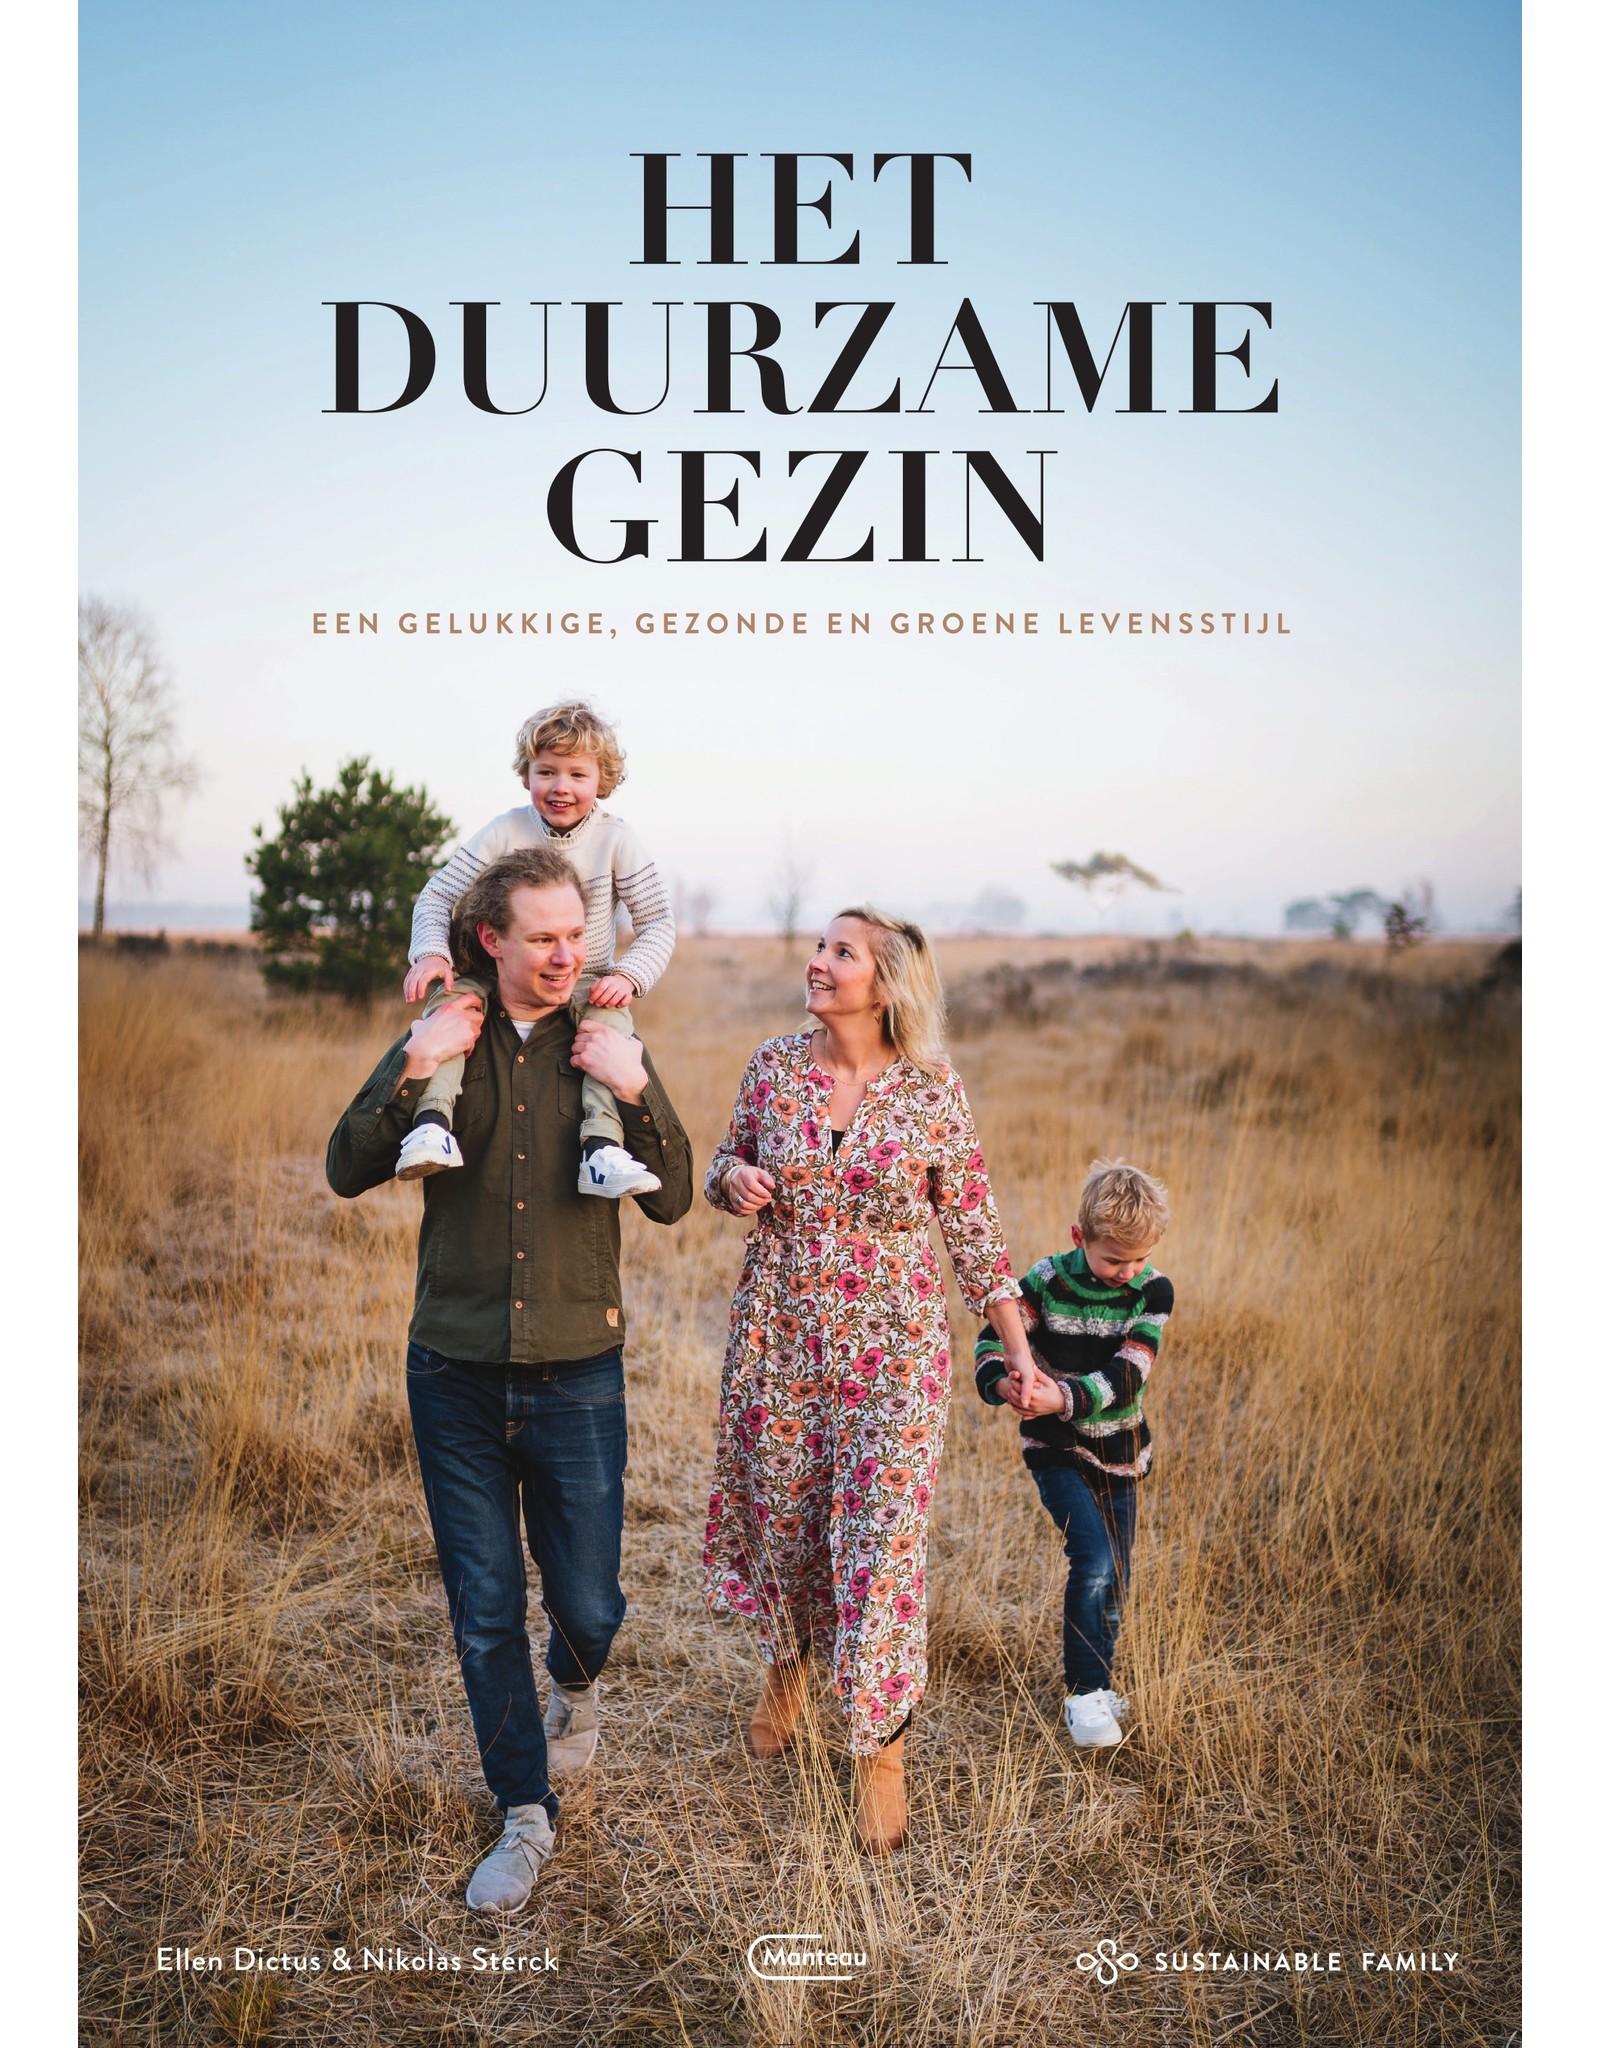 Uitgeverij: Manteau Het duurzame gezin